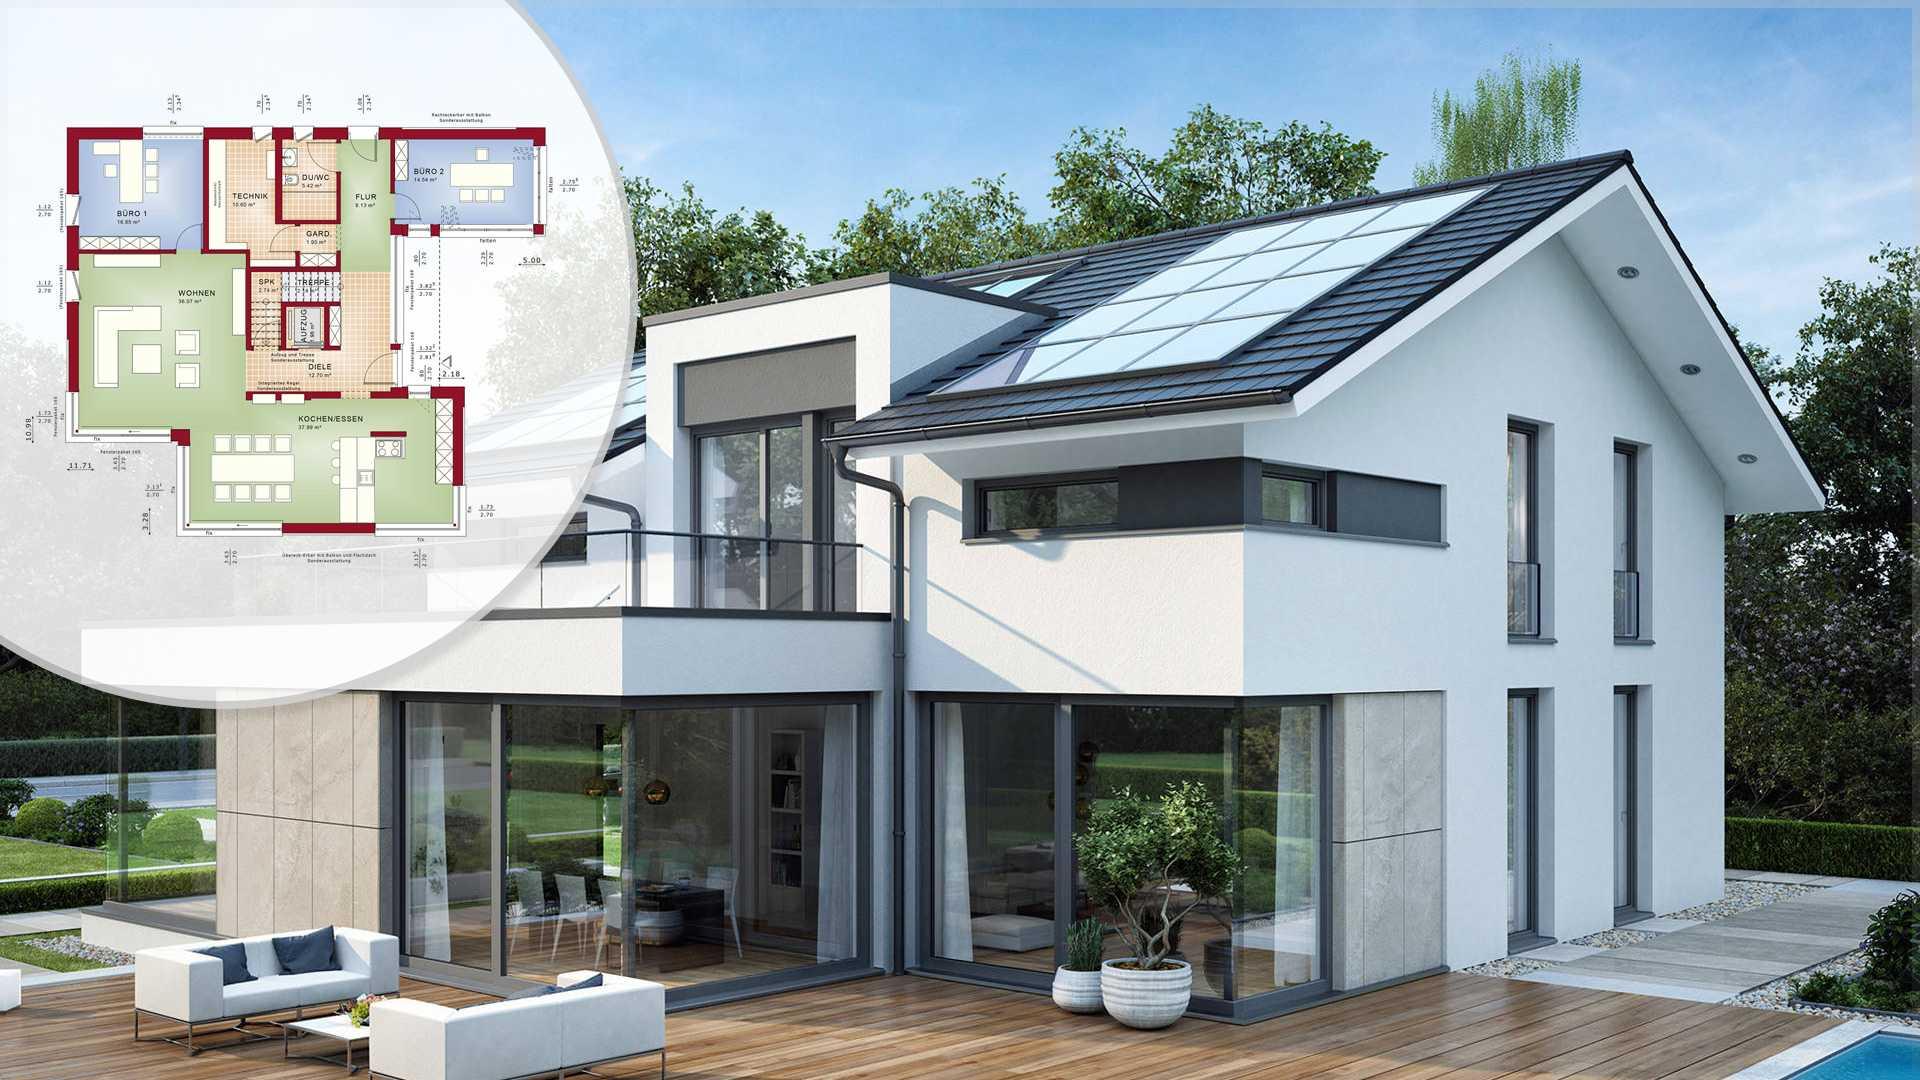 Kosten Architektenhaus. Modernes Architektenhaus In Frankfurt